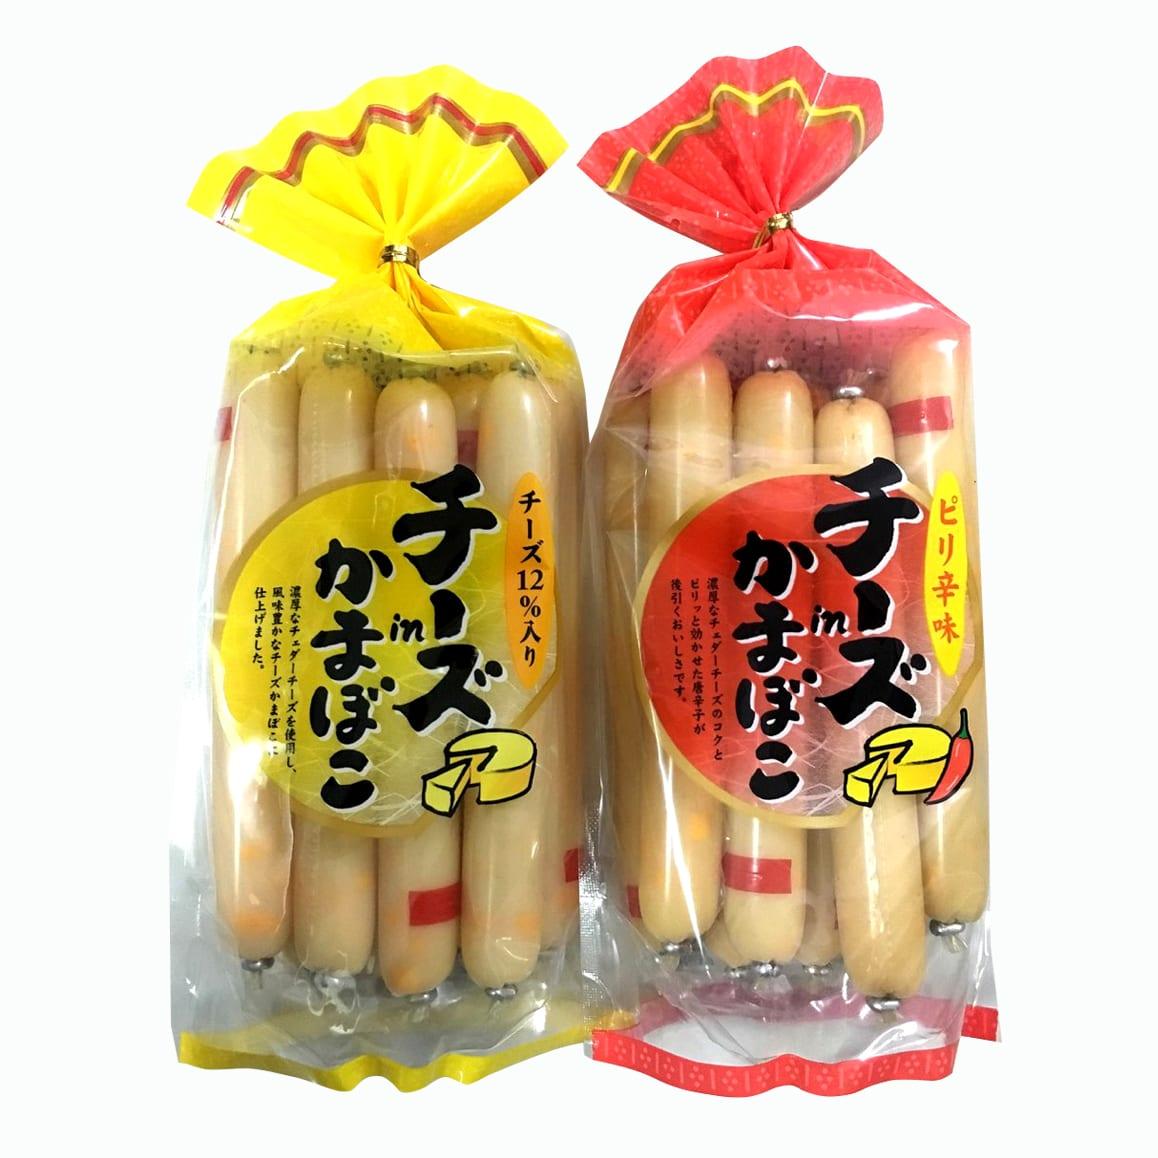 Xúc xích phô mai cá Nhật Bản giá bao nhiêu?